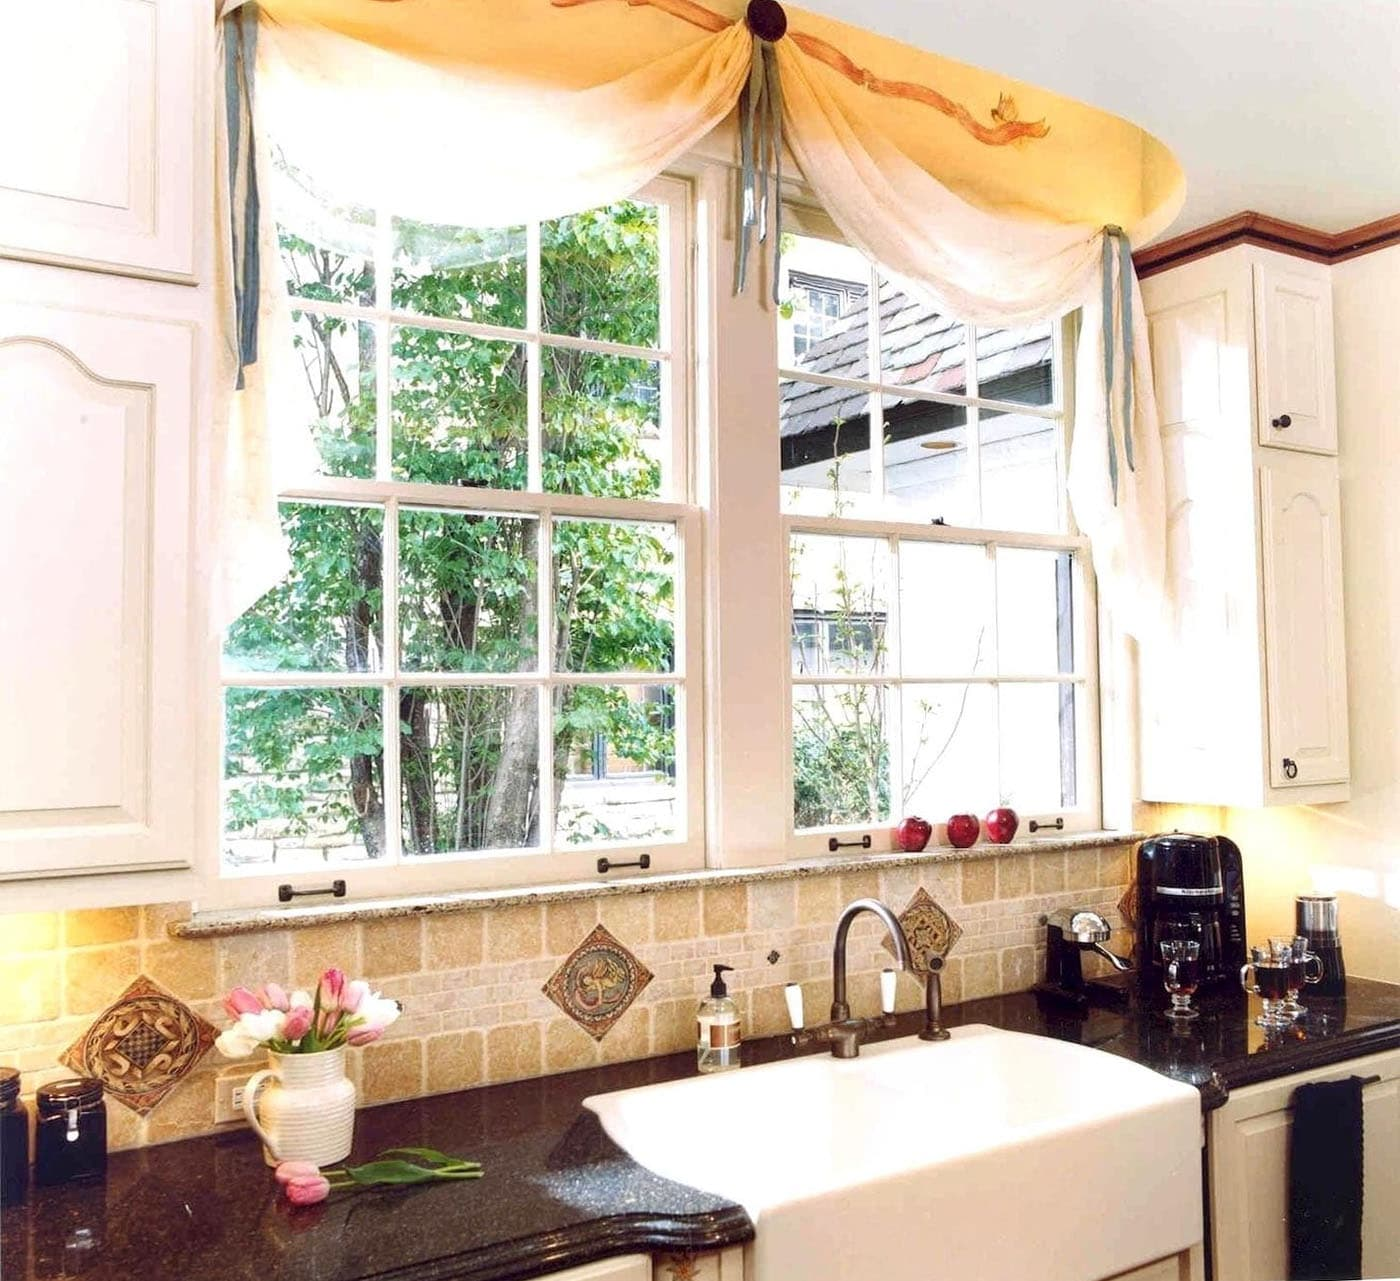 Картинка кухонного окна